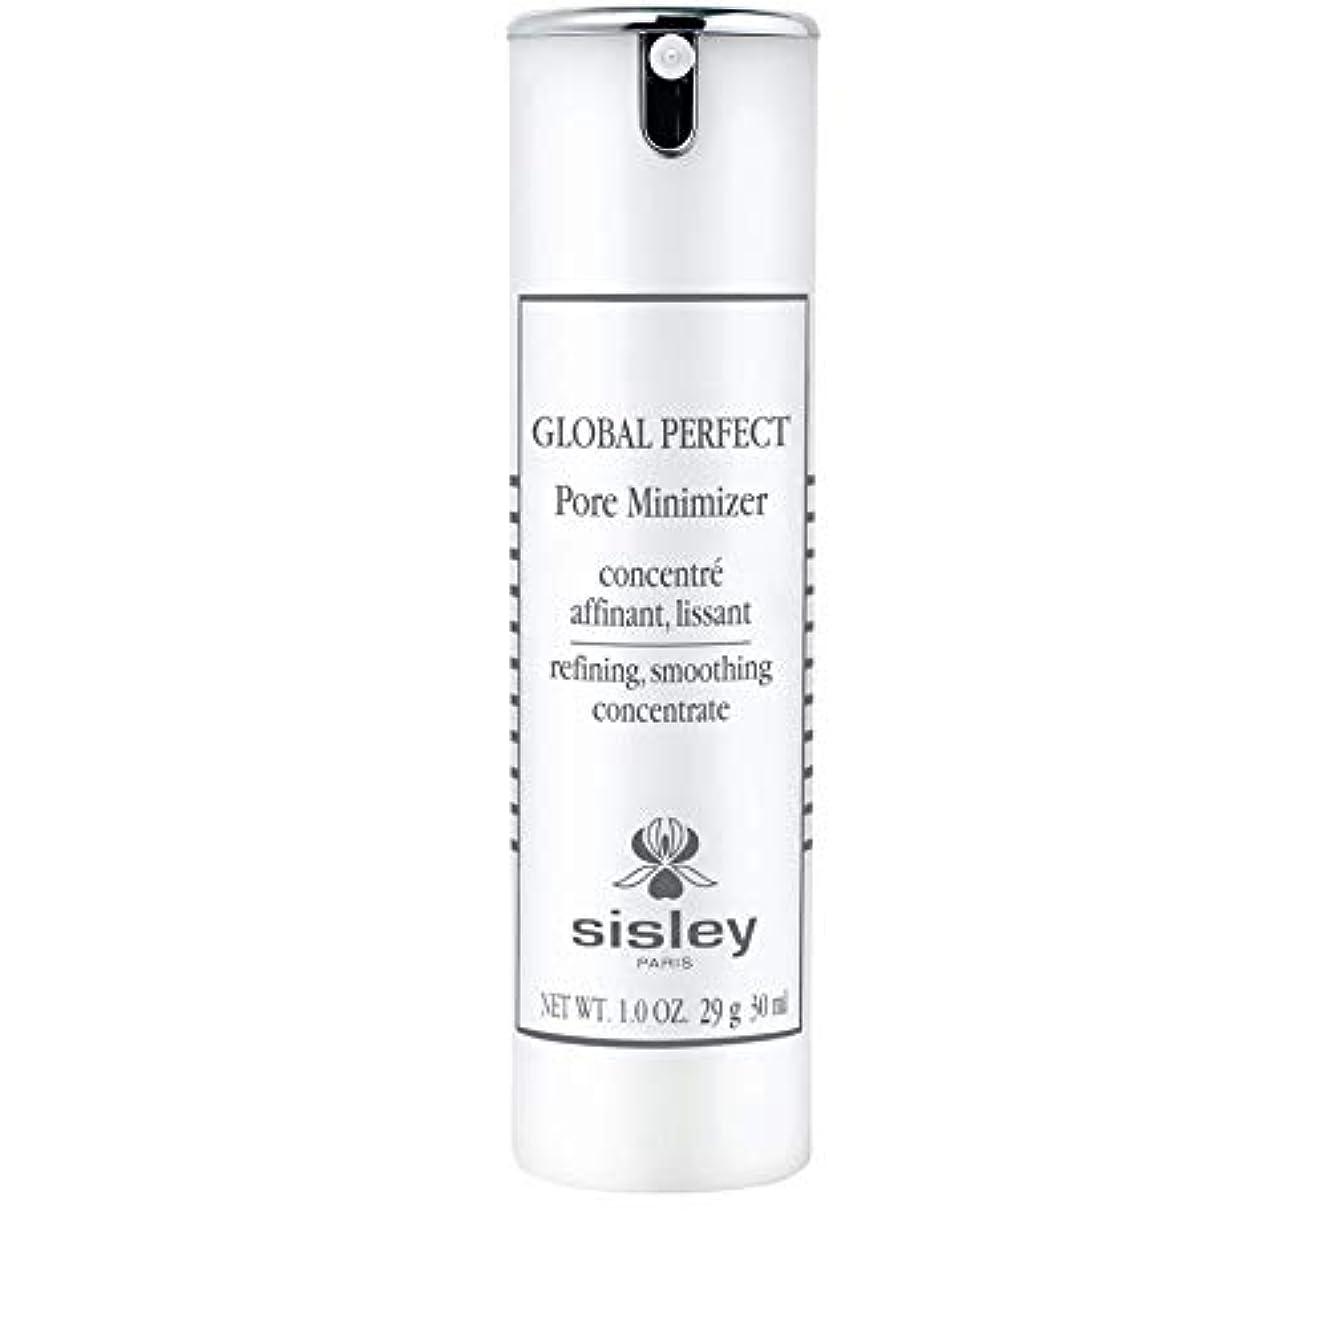 リング無法者ダウン[Sisley] シスレーグローバル完璧な細孔Minimiser 30ミリリットル - Sisley Global Perfect Pore Minimiser 30ml [並行輸入品]